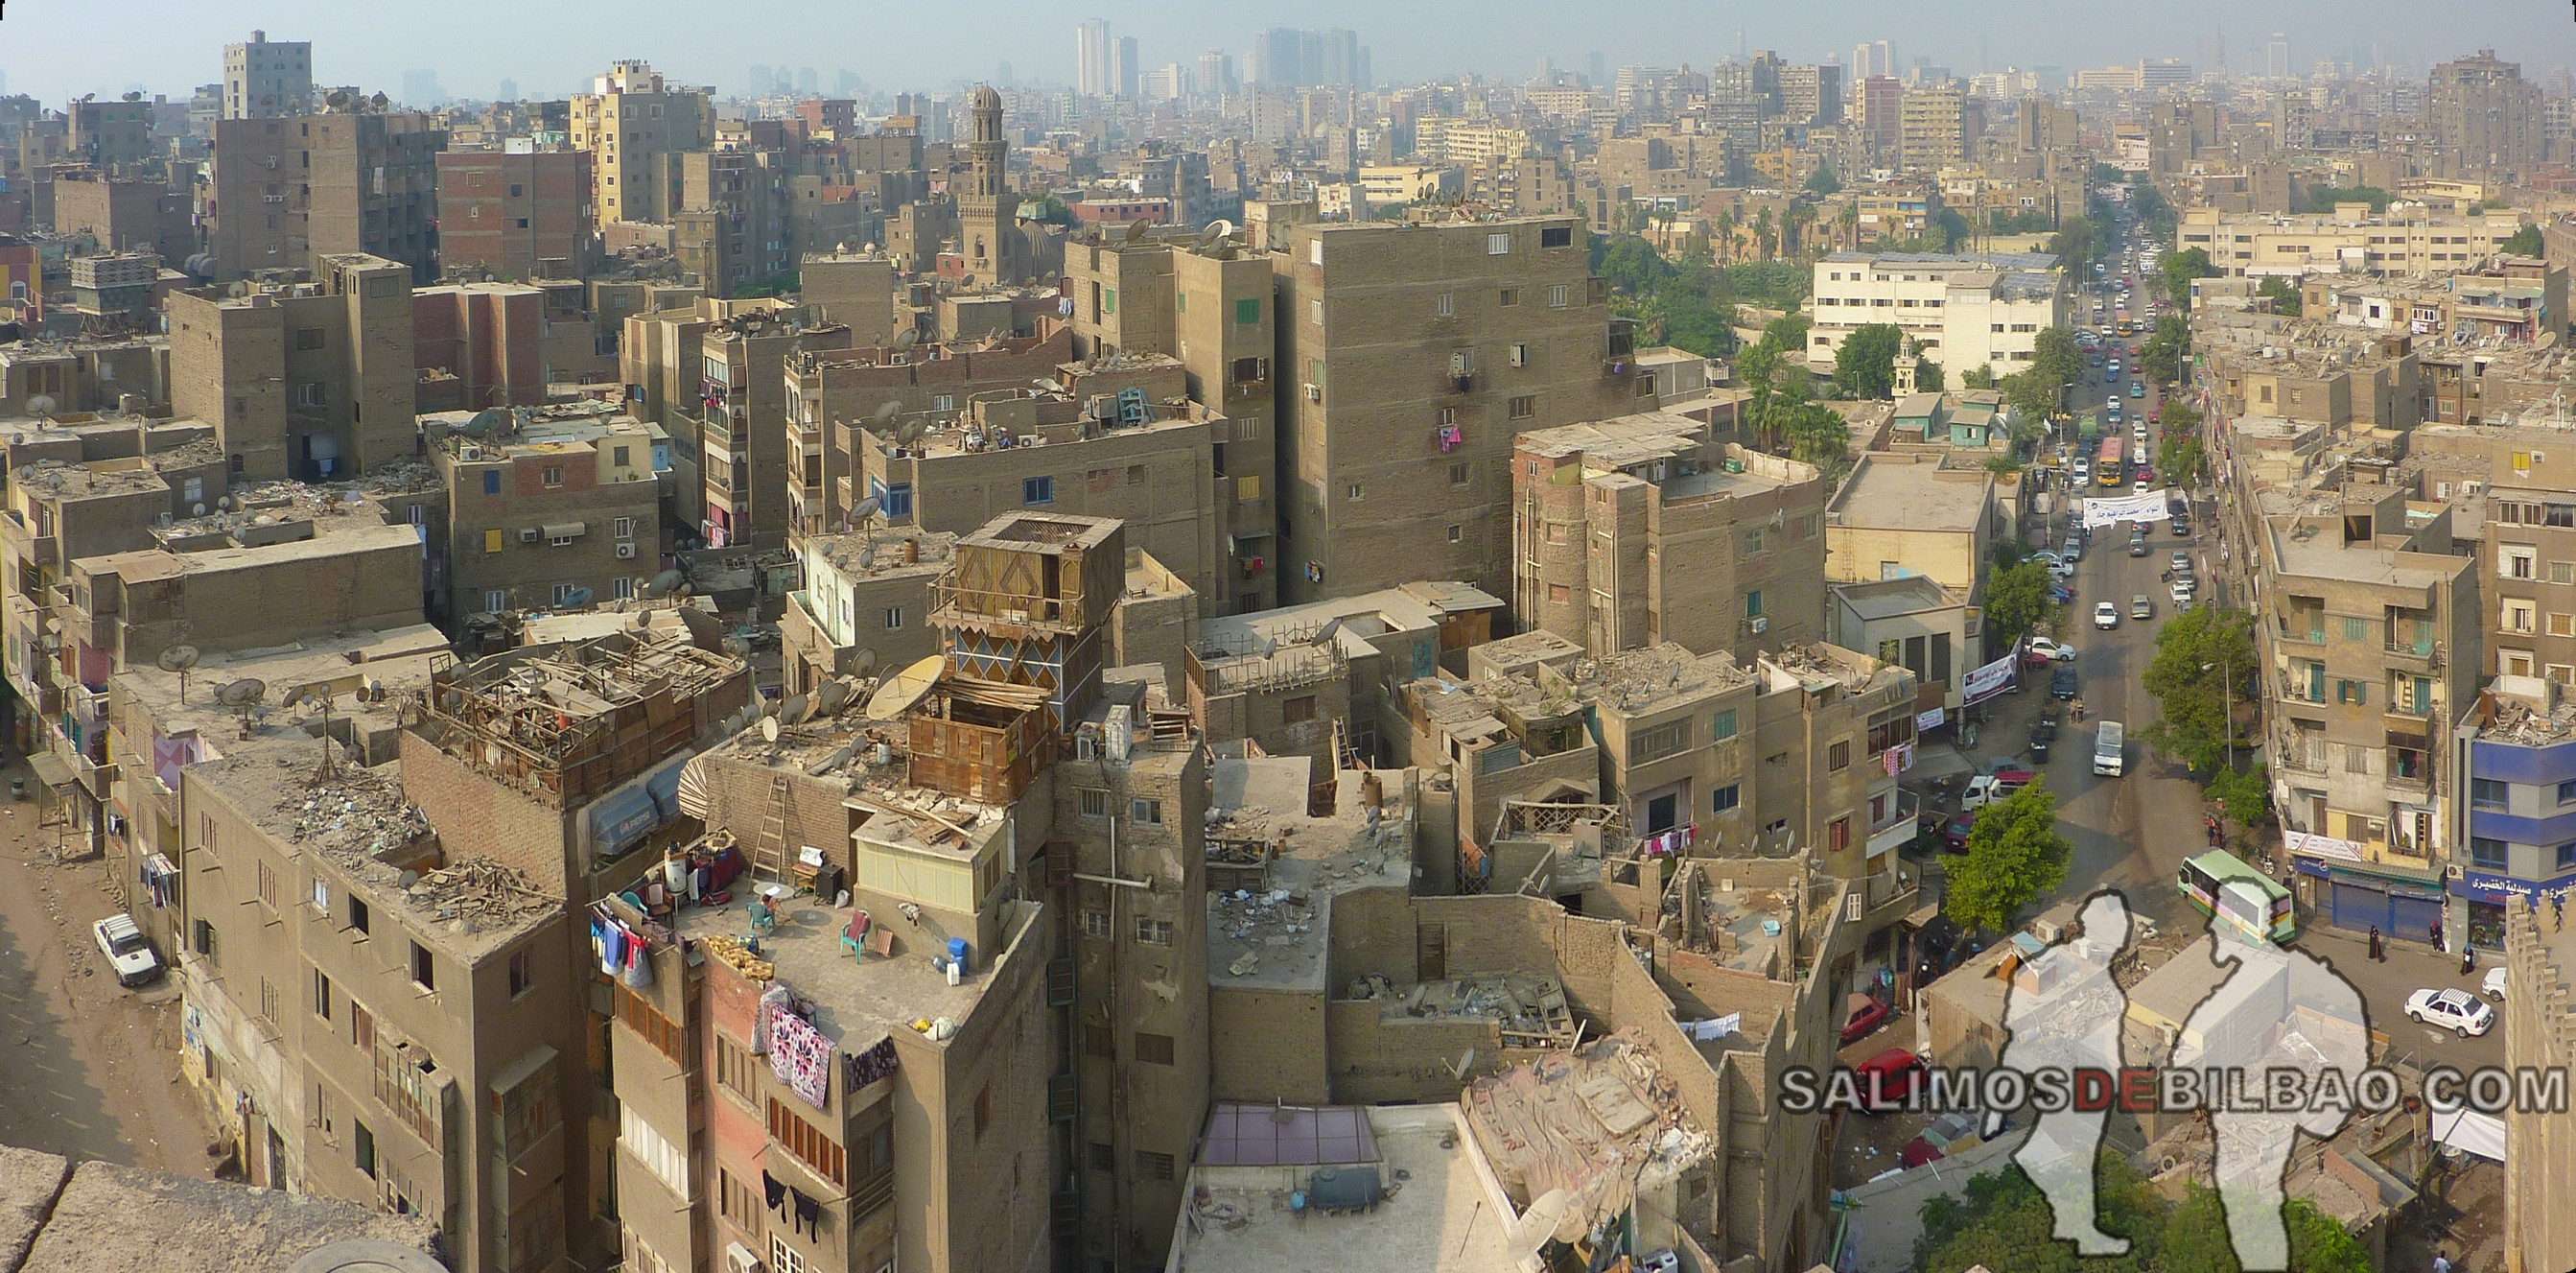 0018. Pano, Vistas desde Mezquita de Ahmad Ibn Tulun, Cairo